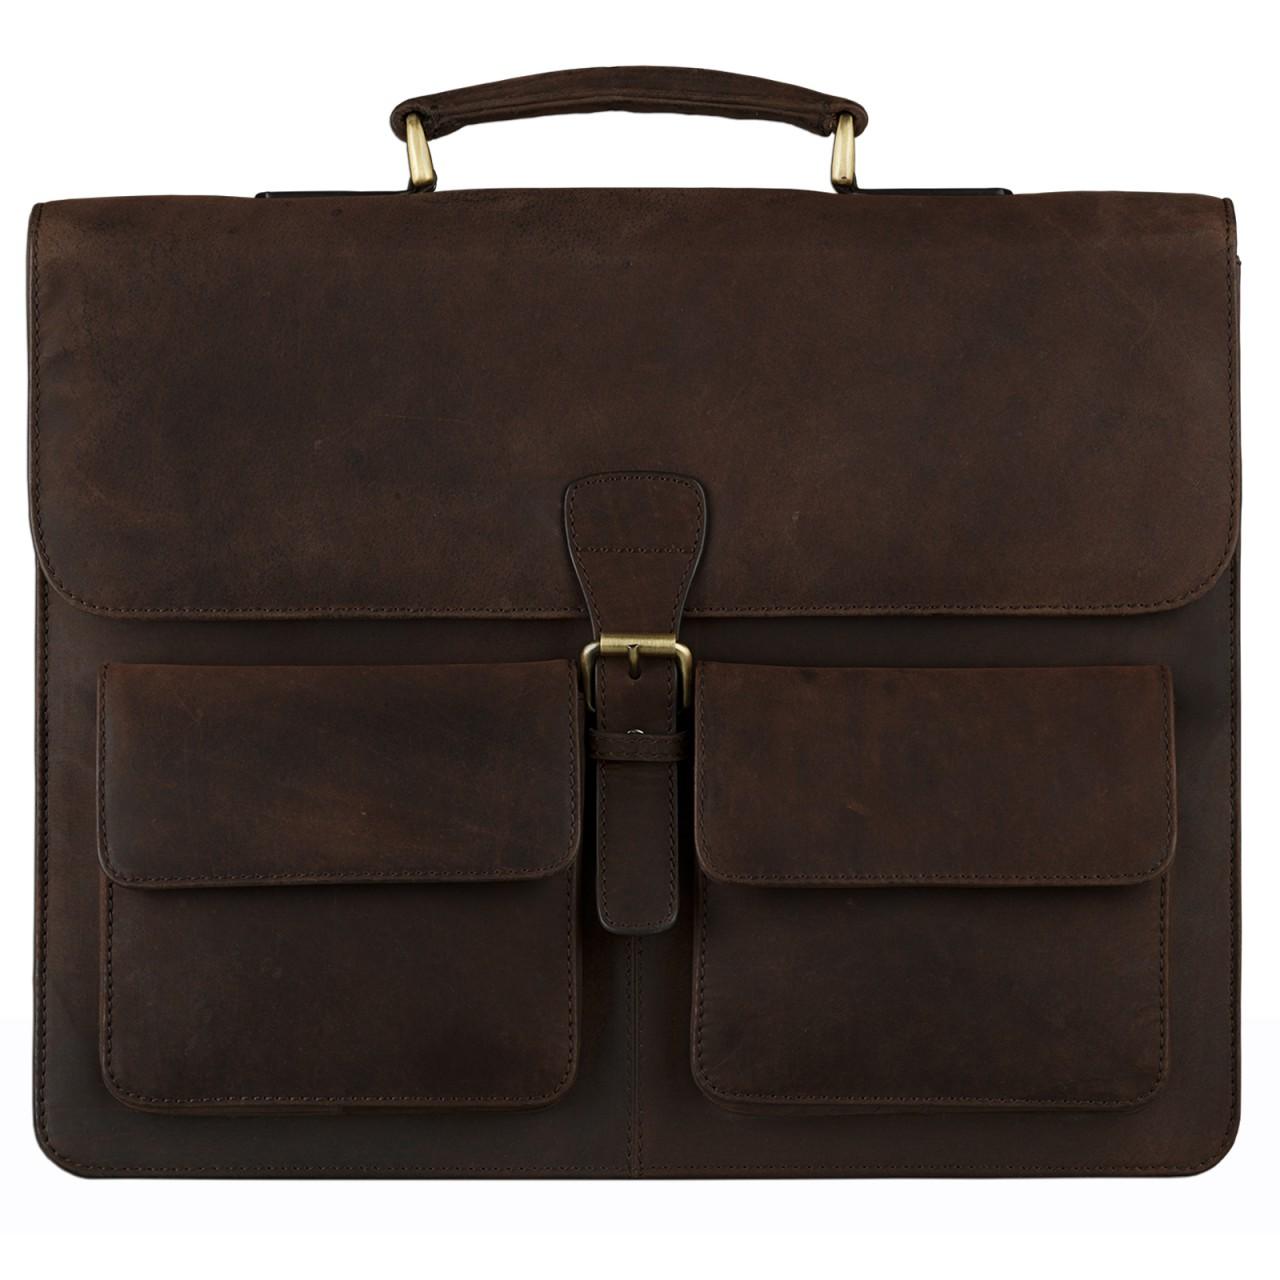 STILORD Klassische Ledertasche Aktentasche Lehrertasche Umhängetasche für Laptops bis 15.6 Zoll echtes Rinds Leder, Vintage Design dunkelbraun - Bild 3